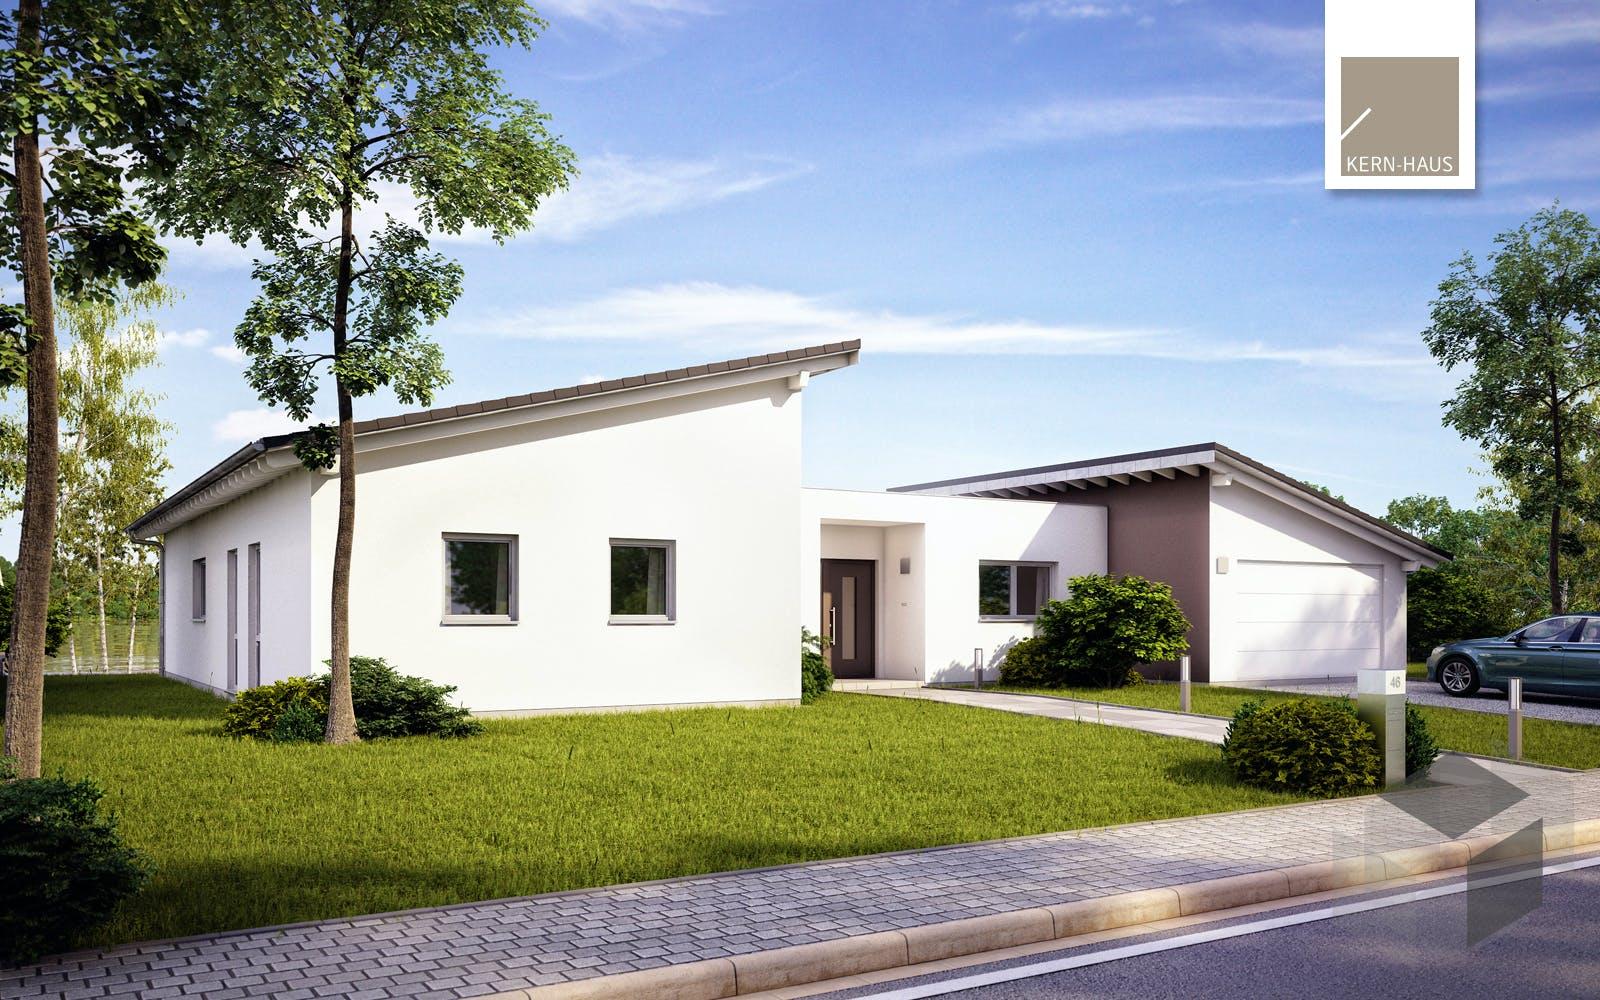 bungalow trio von kern haus komplette daten bersicht. Black Bedroom Furniture Sets. Home Design Ideas